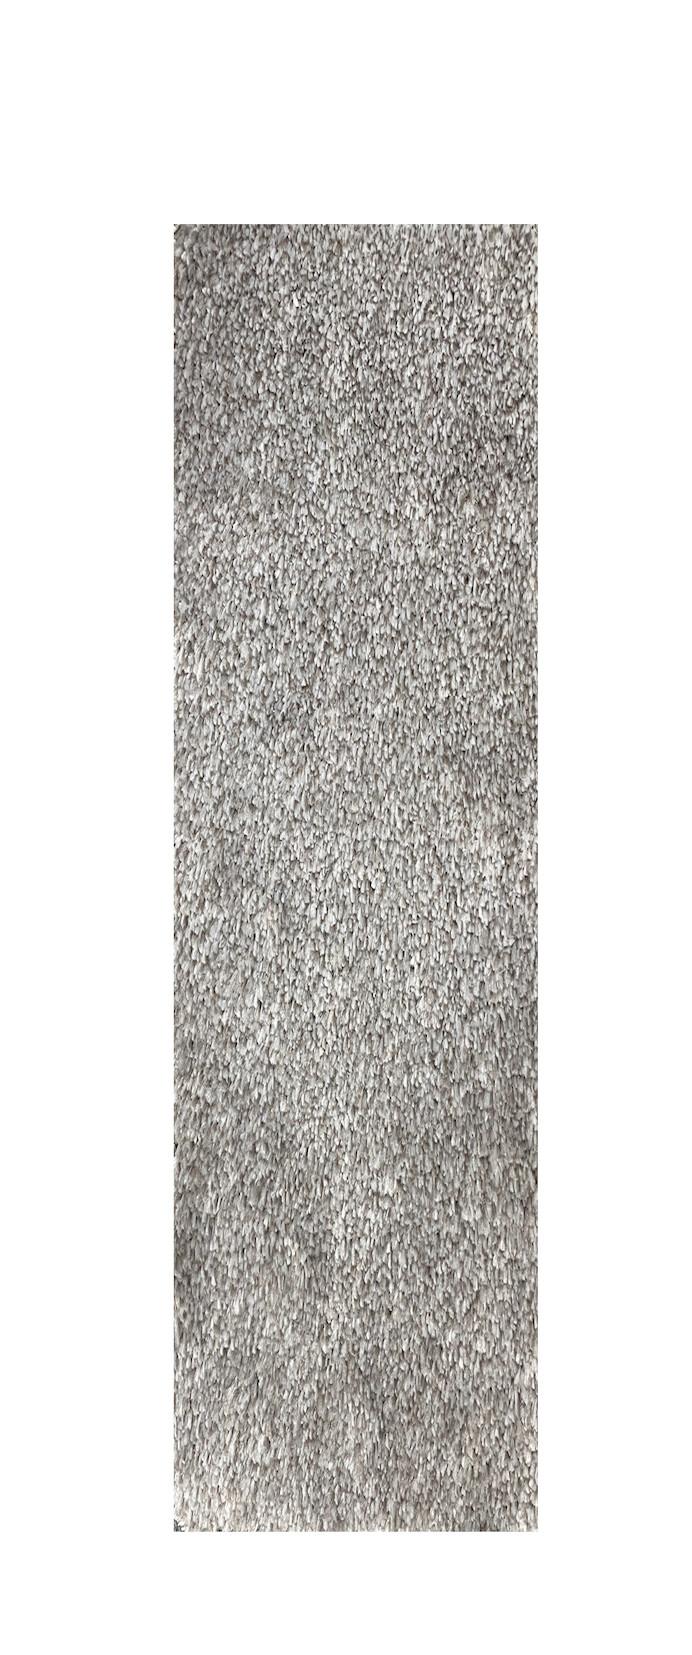 Vopi koberce Běhoun na míru Apollo Soft šedý - šíře 40 cm s obšitím